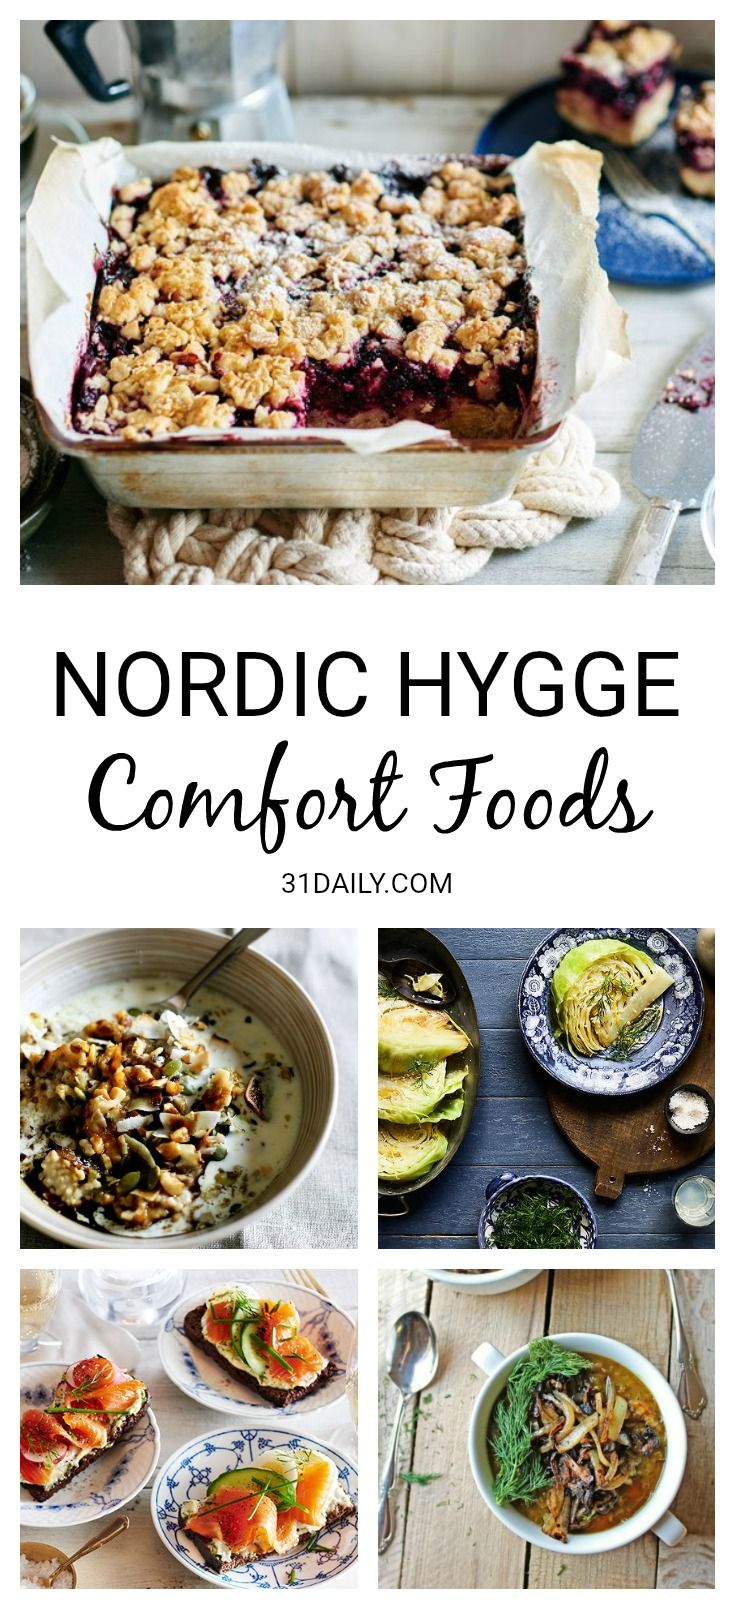 Comfort Foods To Inspire Nordic Hygge Nordic Recipe Food Comfort Food